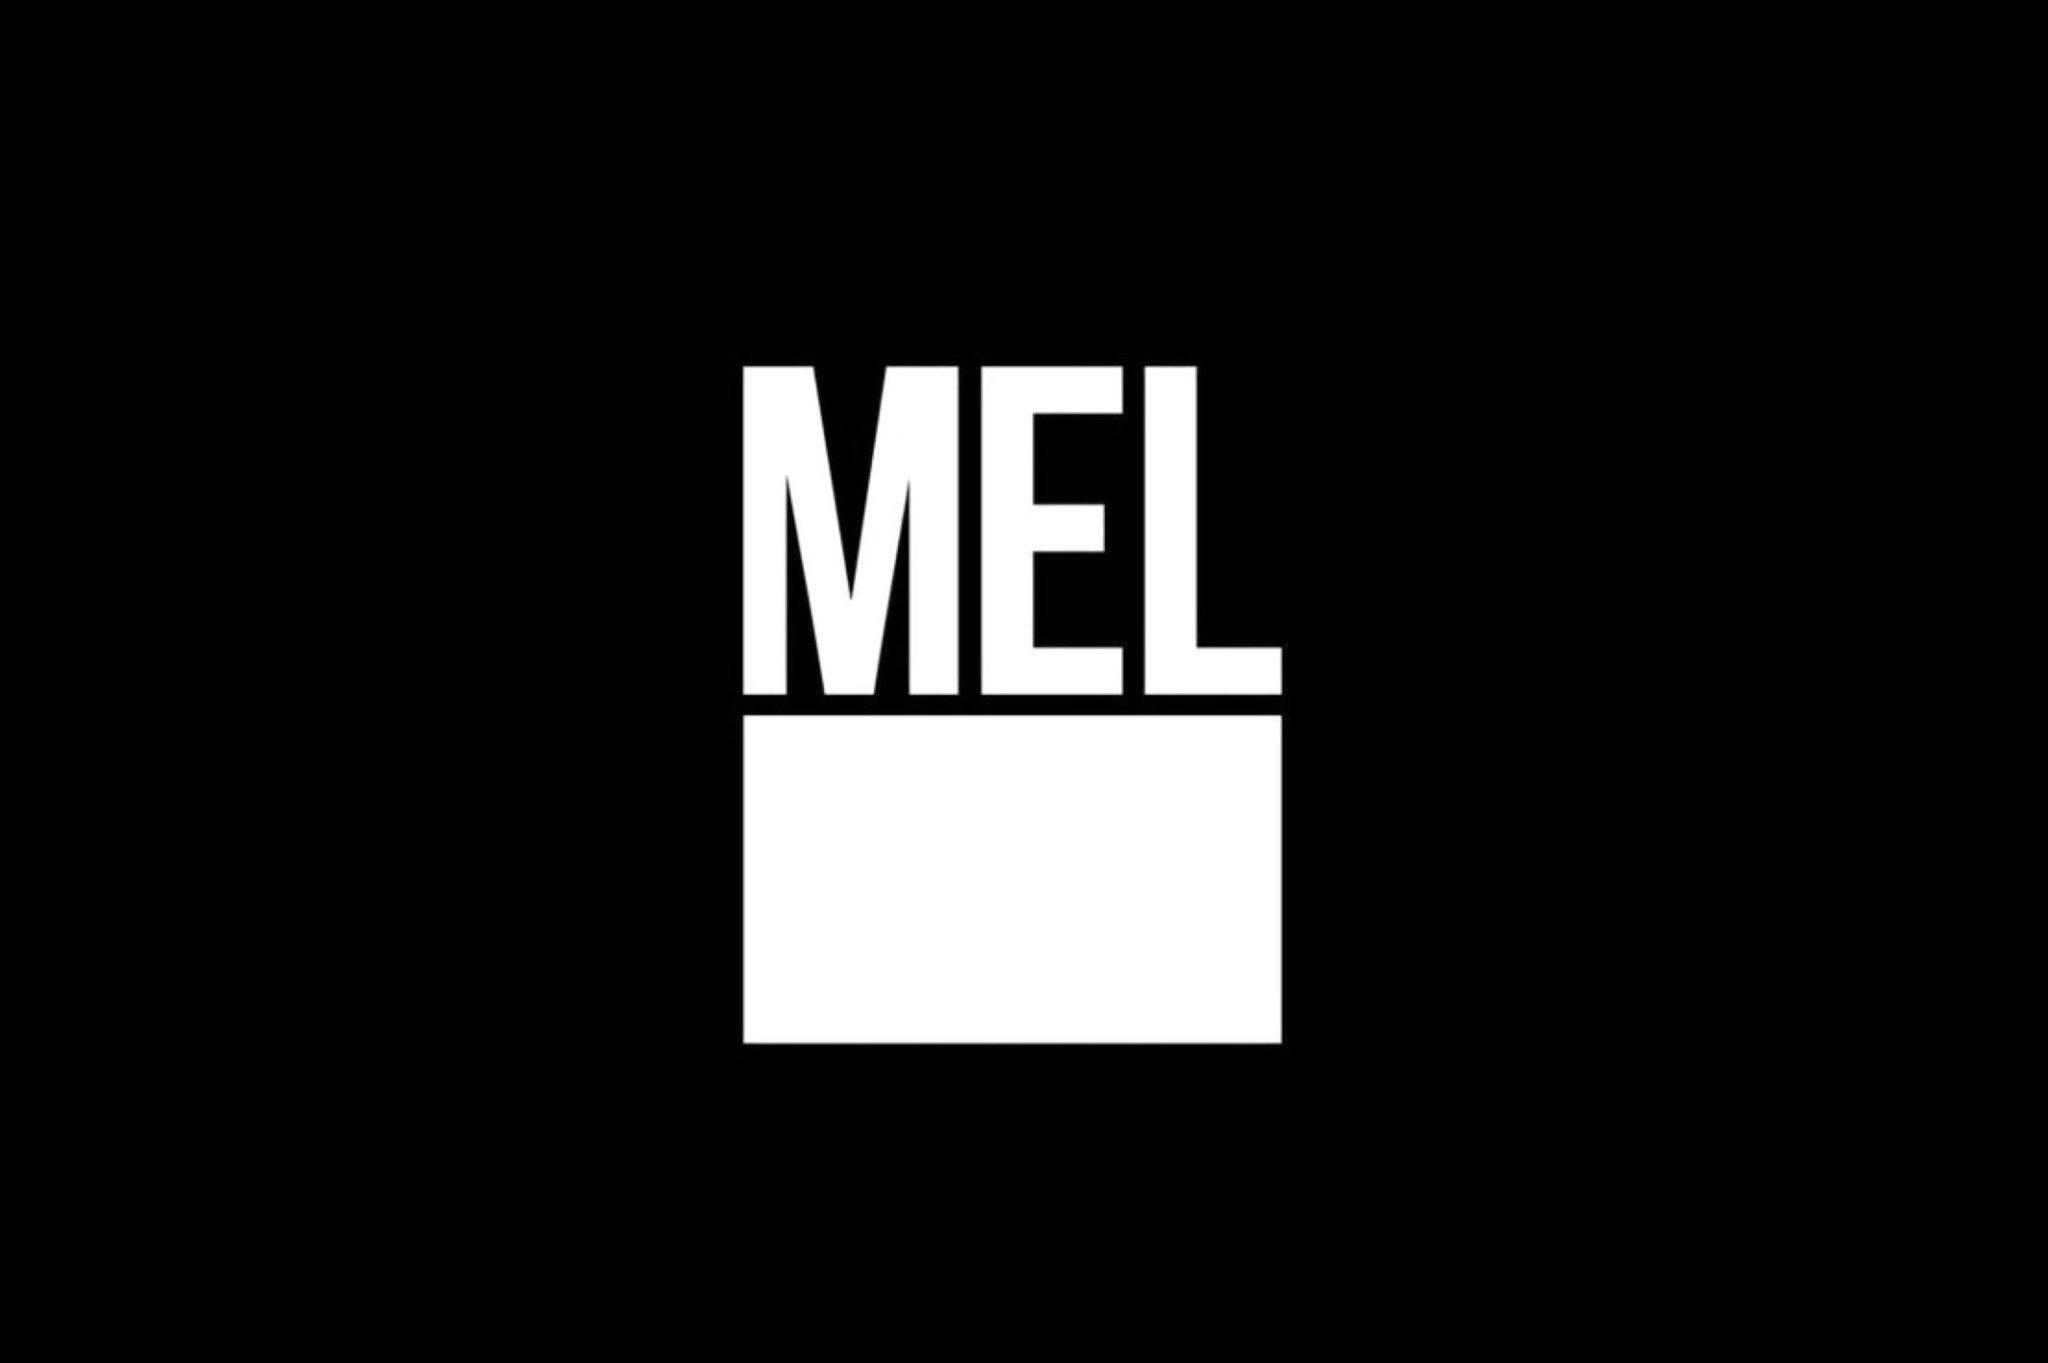 Mel-Magazine-Logo.jpg